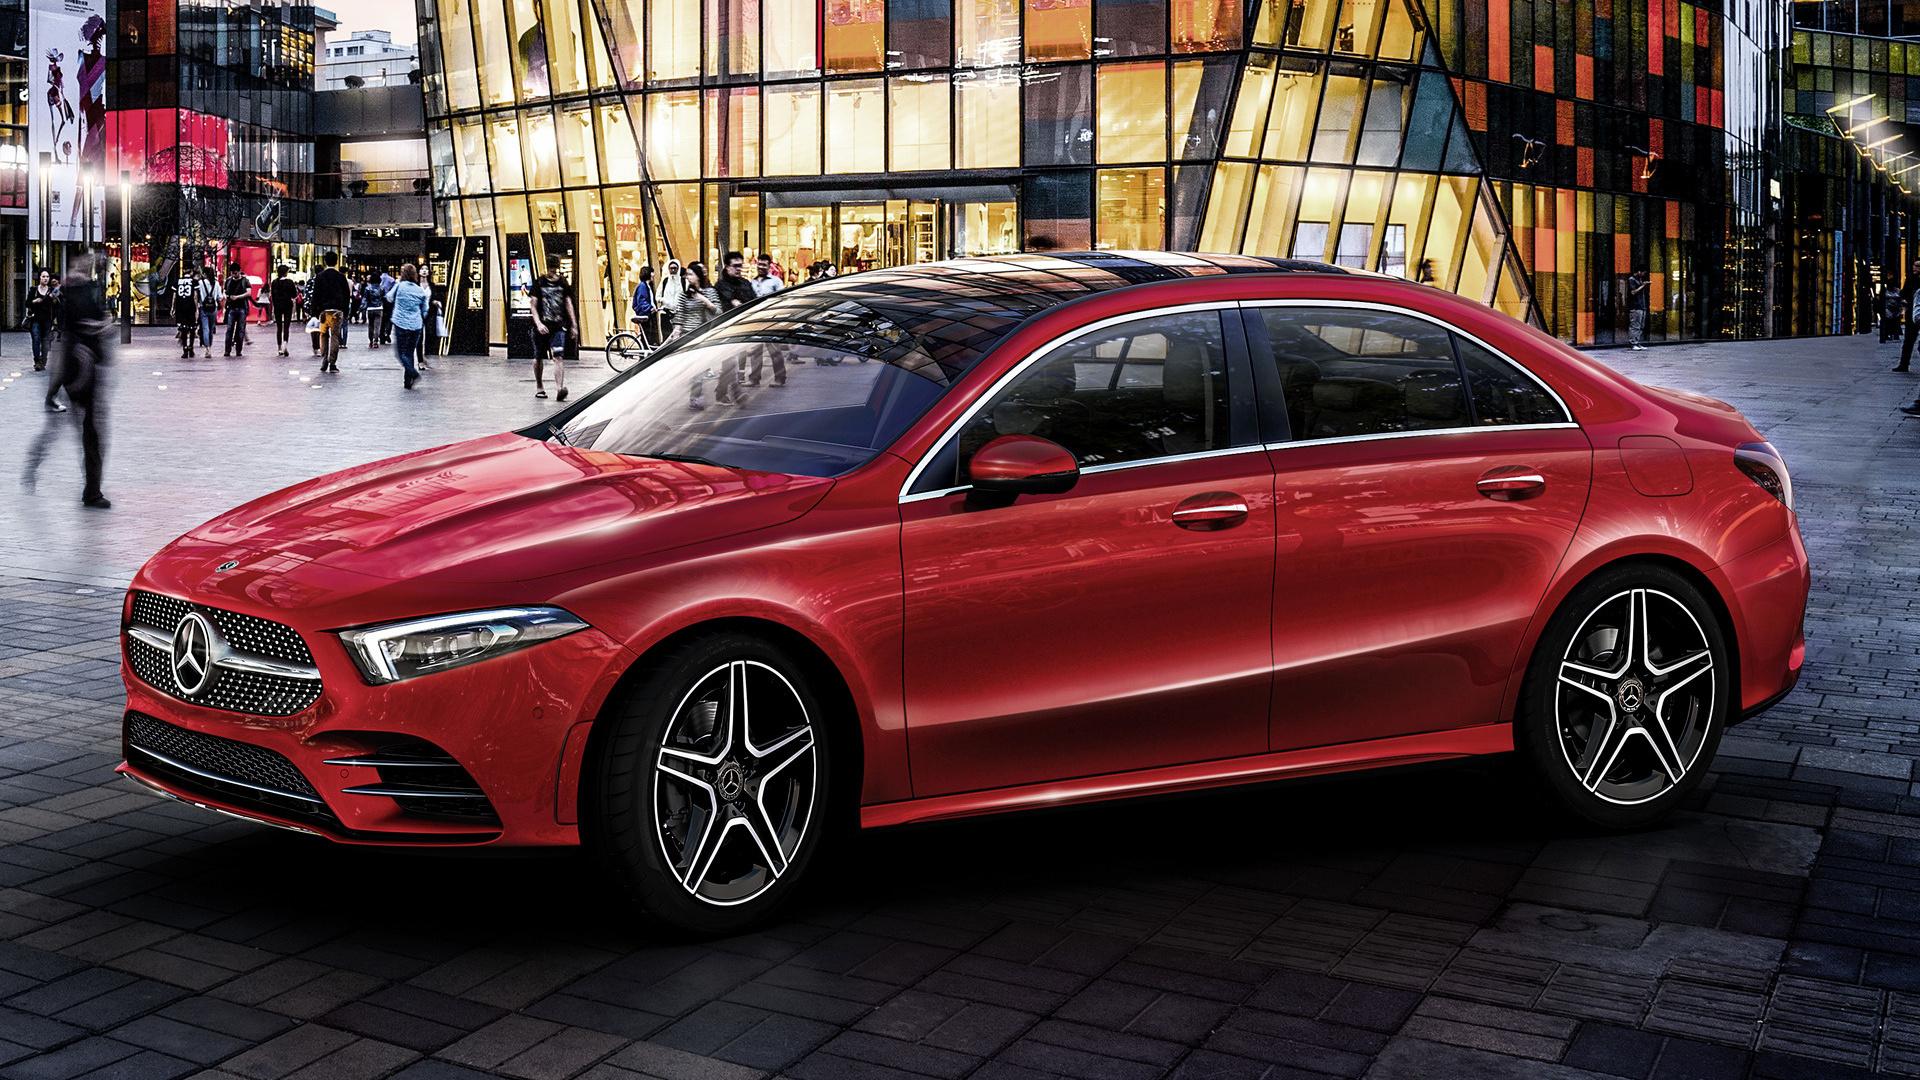 Mercedes Benz A Class Sedan Amg Styling Long 2019 Cn Wallpapers